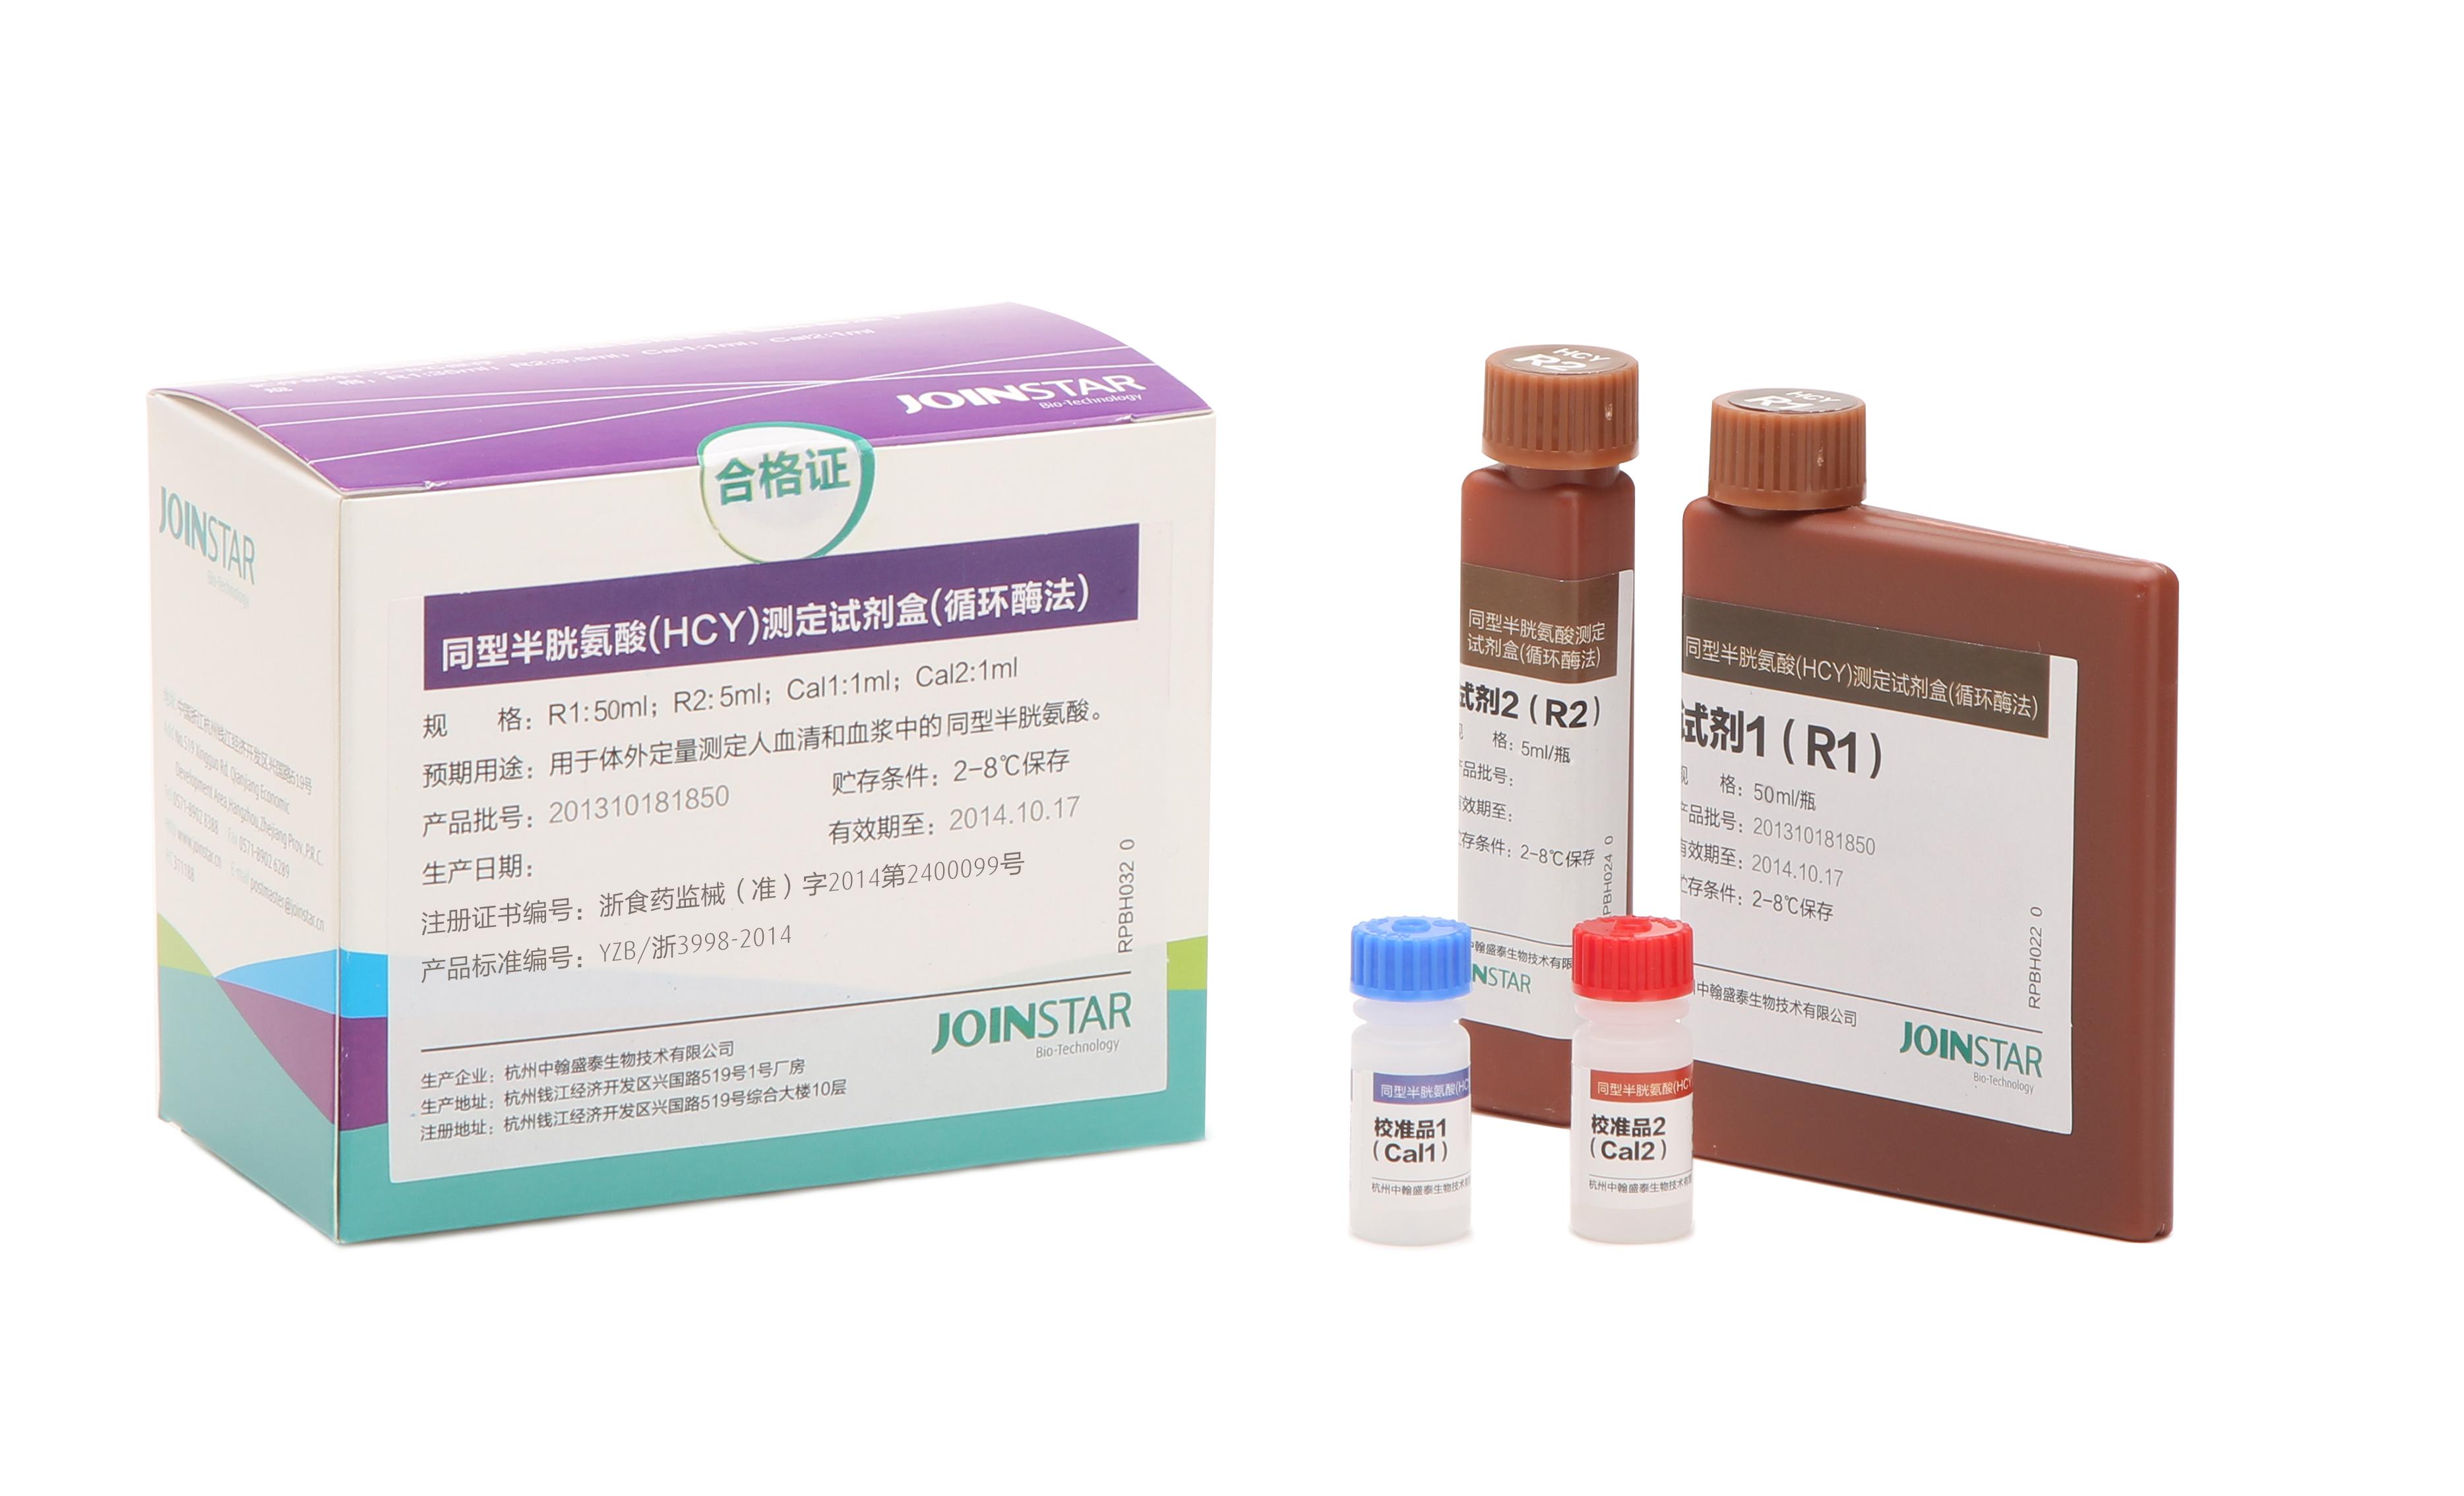 同型半胱氨酸(HCY)测定试剂盒(双试剂循环酶法)